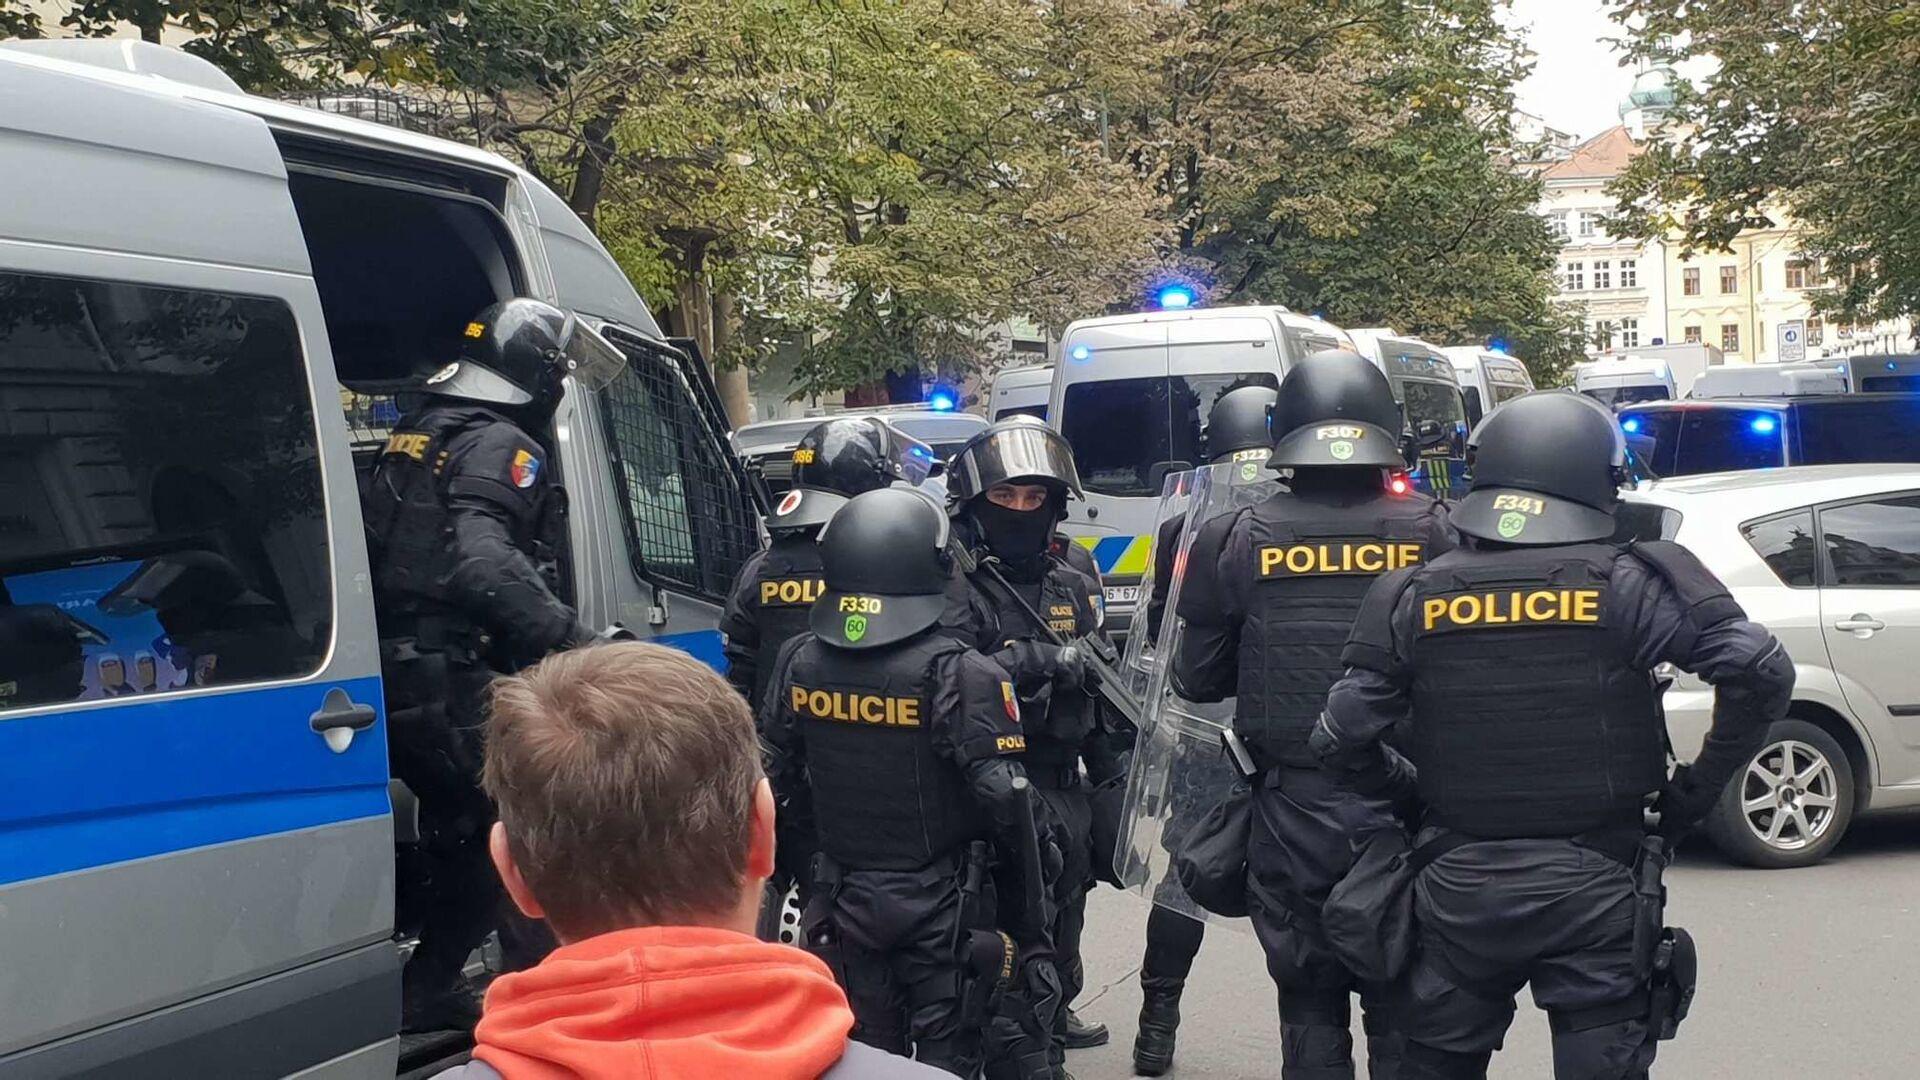 Policie zasahuje na demonstraci proti koronavirovým opatřením v Praze - Sputnik Česká republika, 1920, 29.06.2021